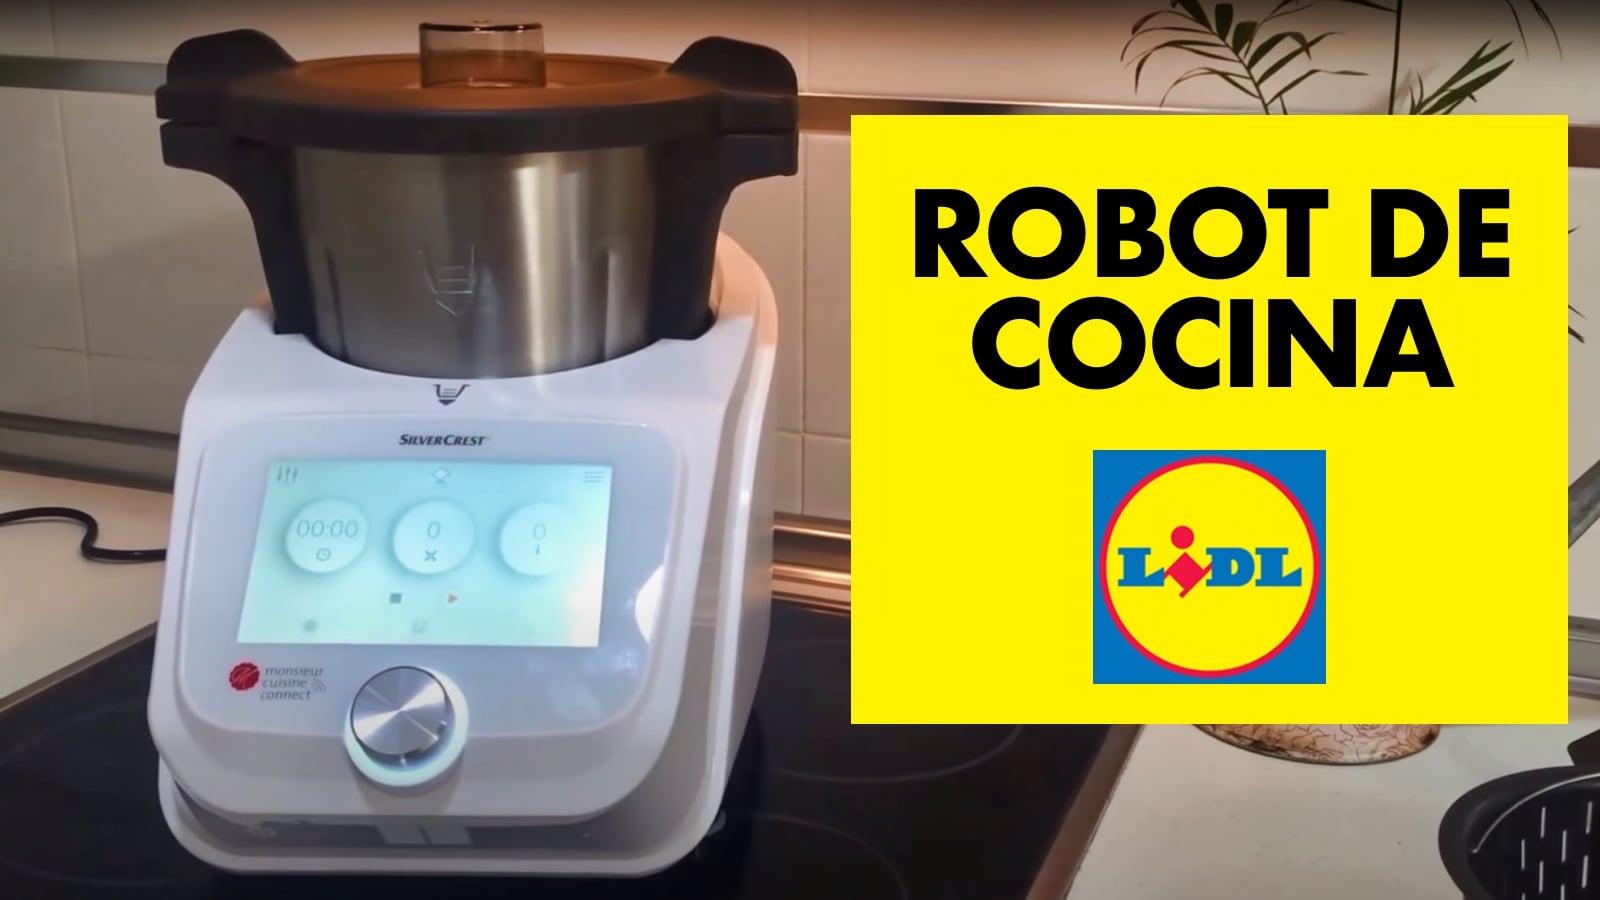 Robot de Cocina del Lidl. SilverCrest Monsieur Cuisine